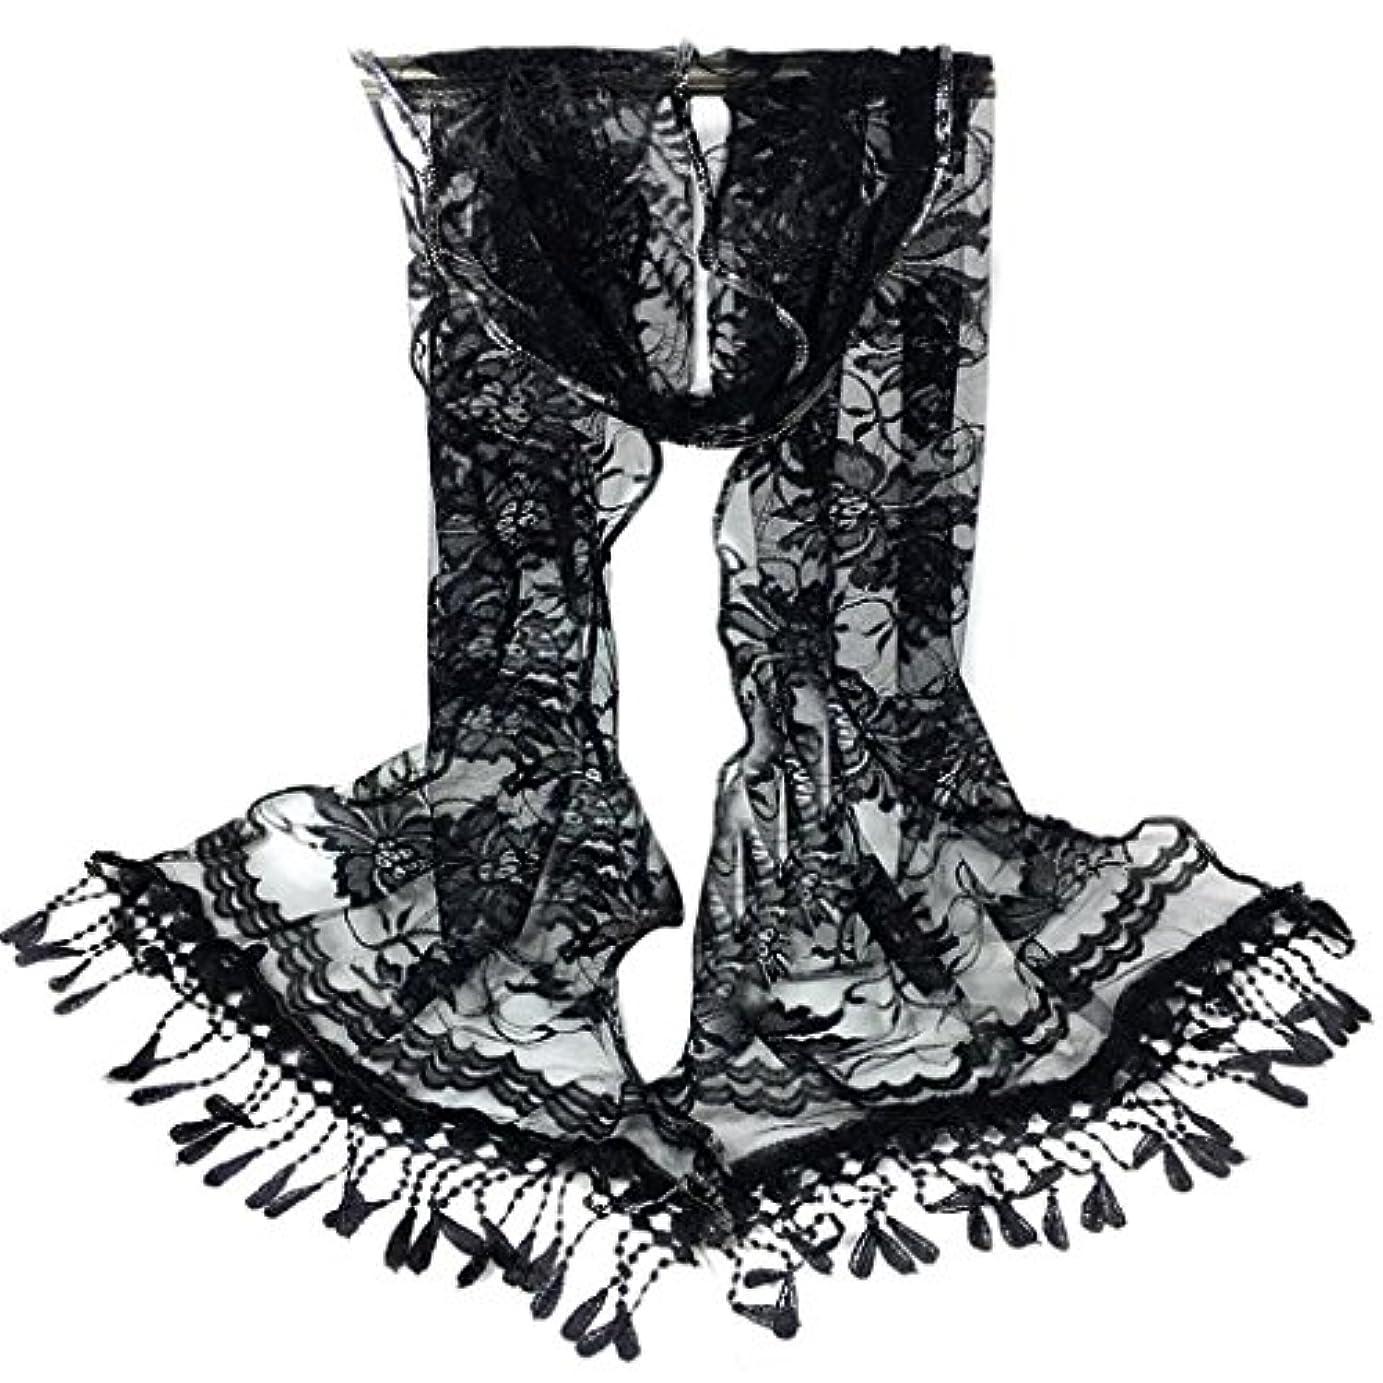 二週間発明予約[SakuraBest] 女性ロングスカーフタッセルショールフラワーレーススカーフ